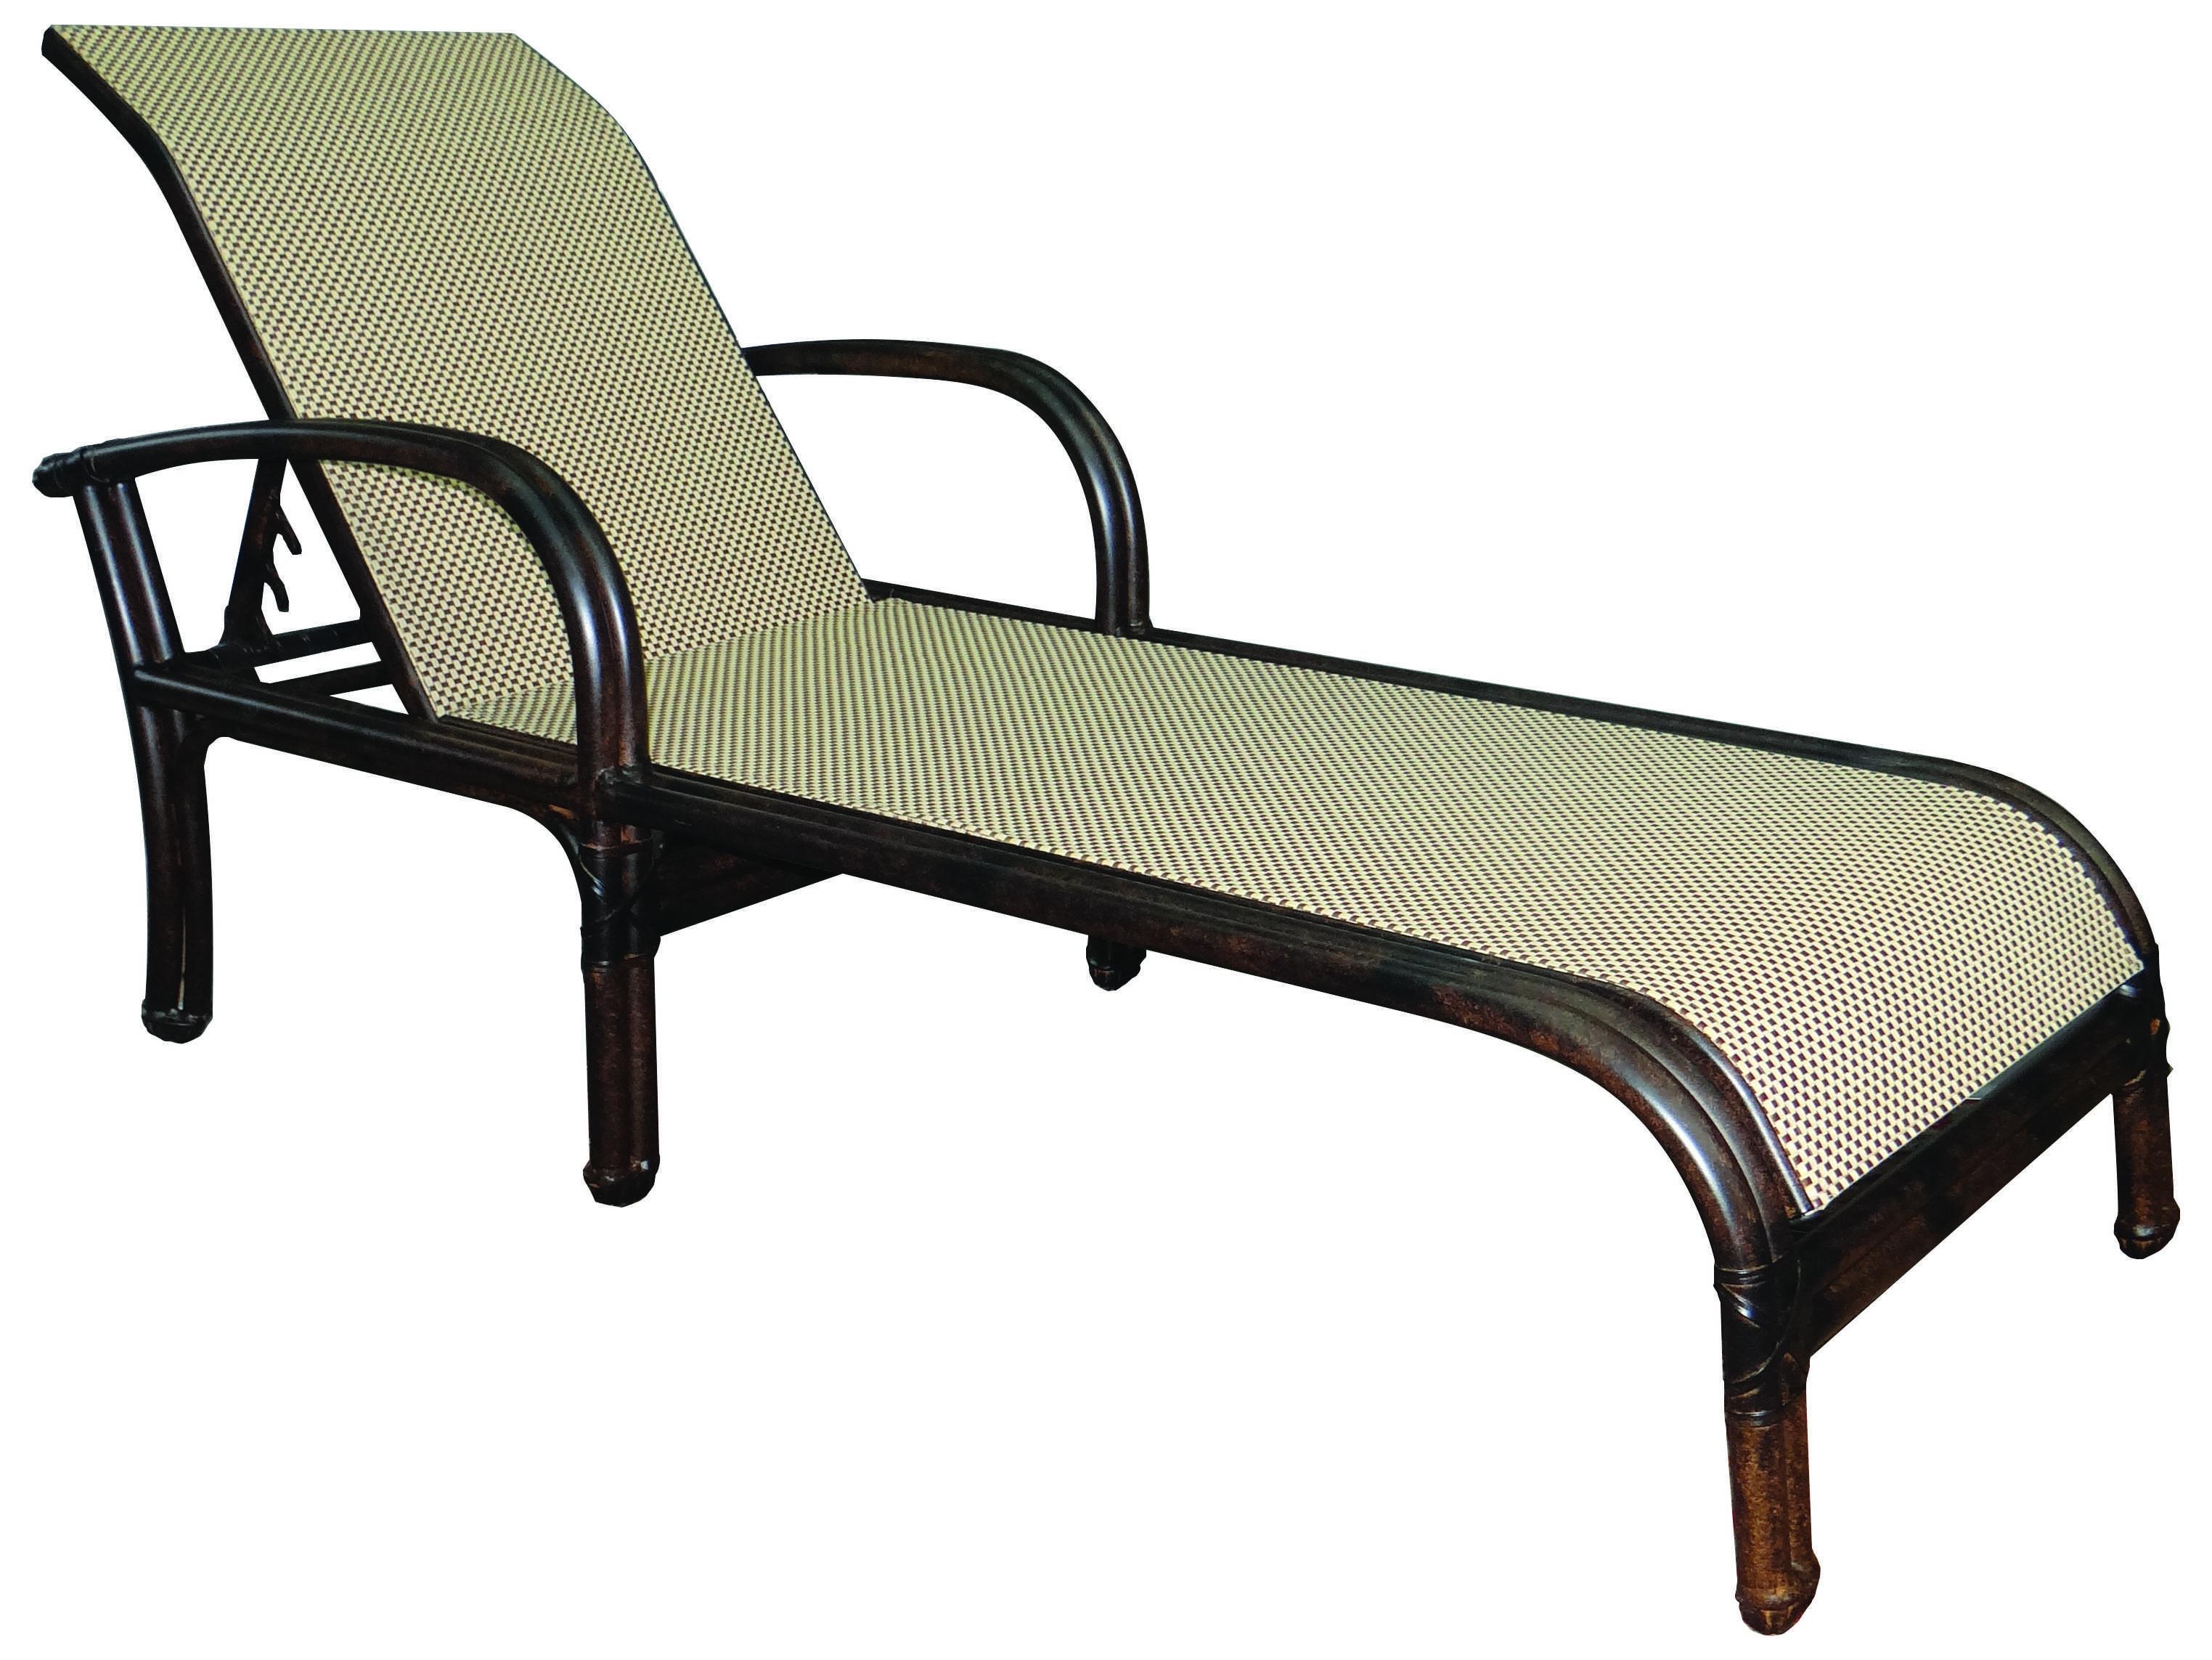 Castelle meridian sling aluminum adjustable chaise lounge for Aluminum sling chaise lounge